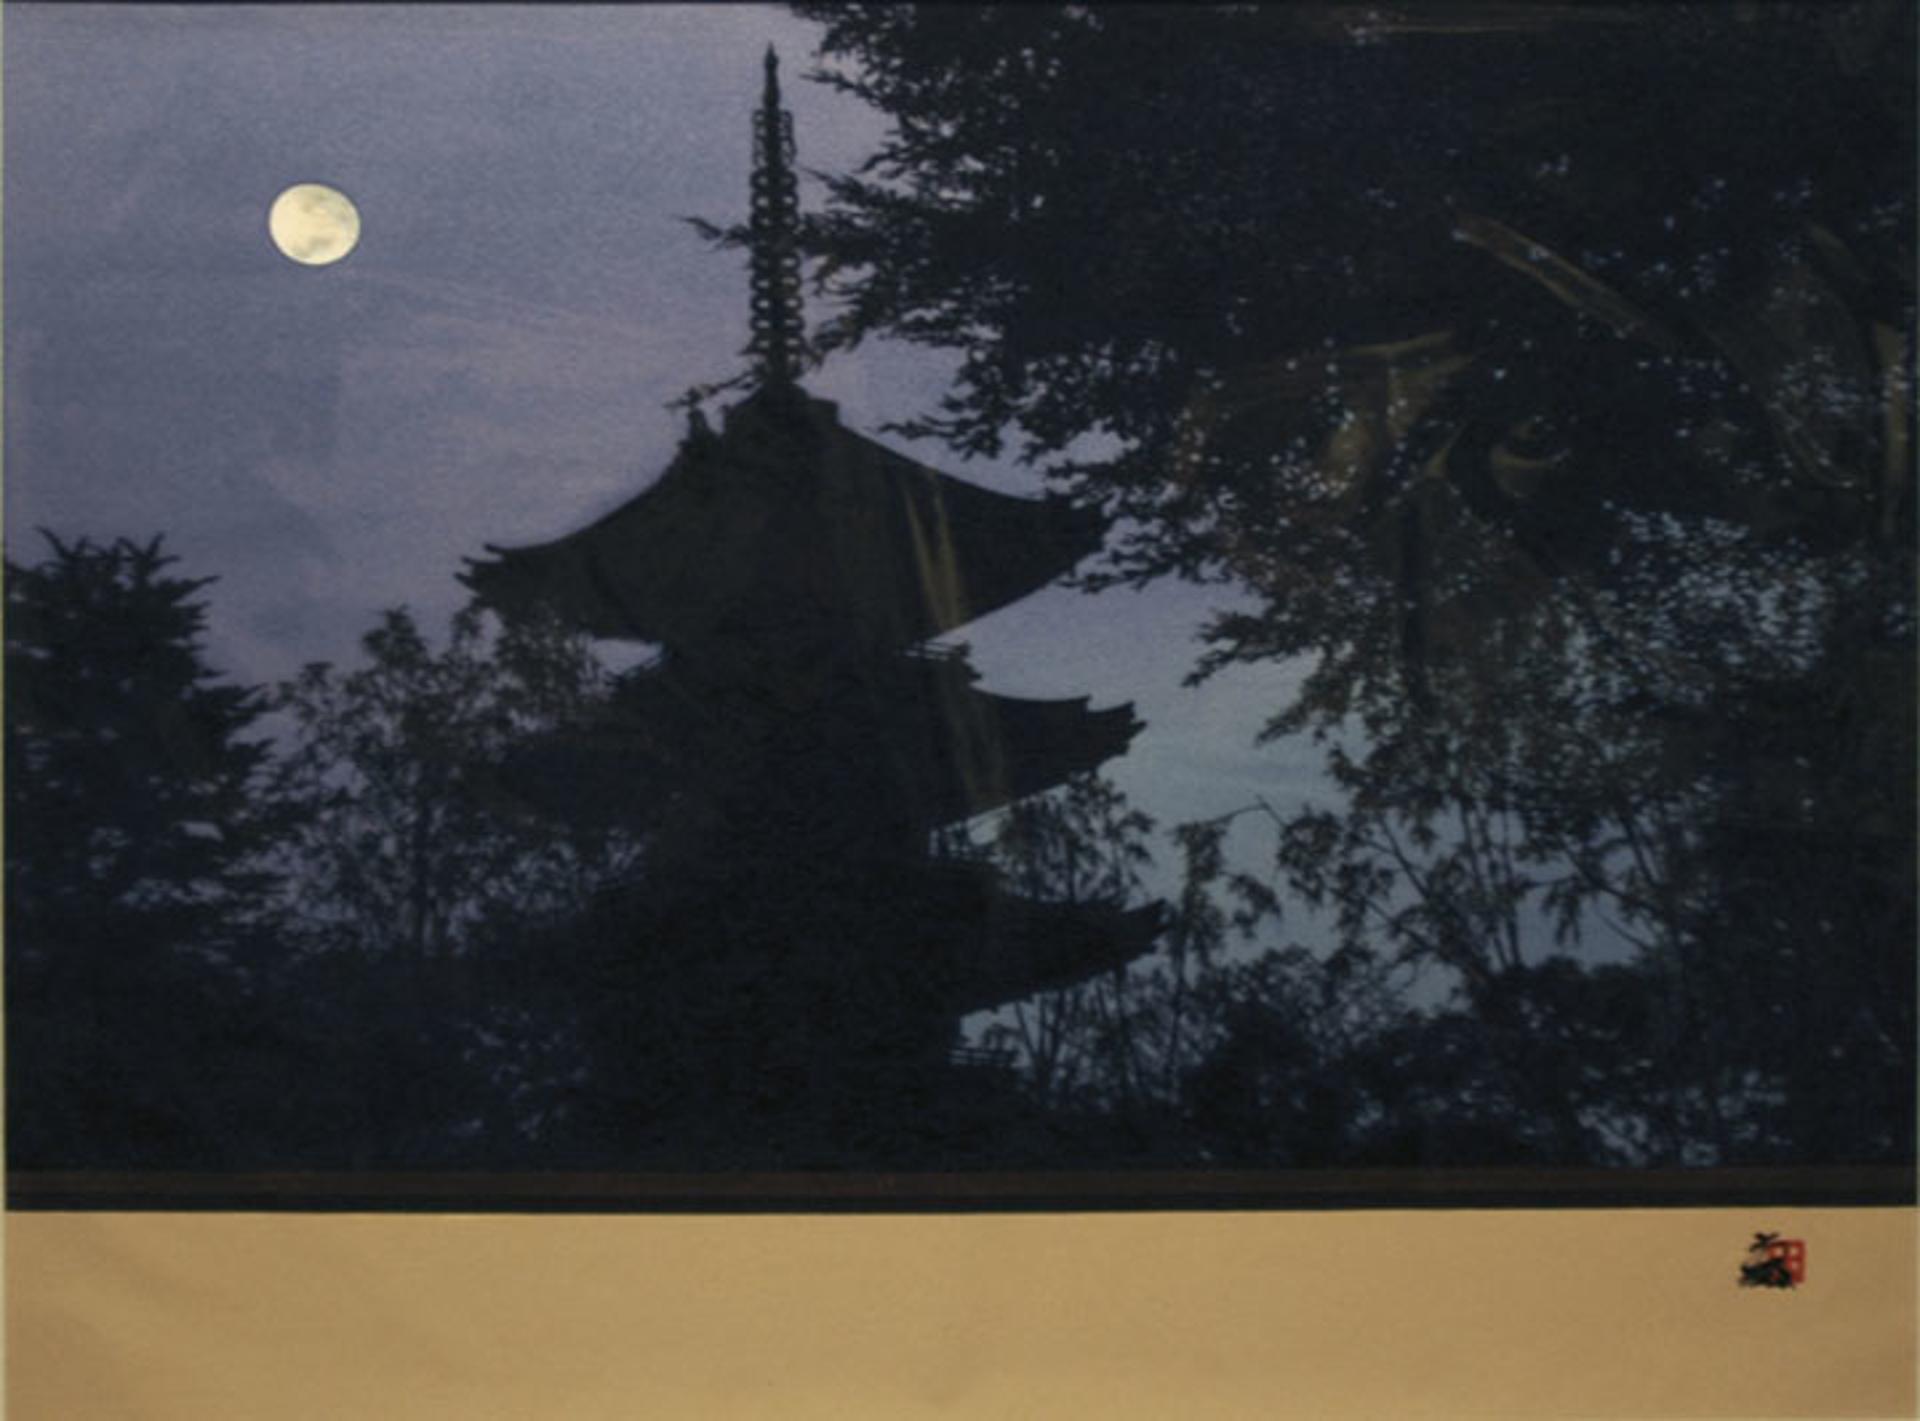 Kanneiji Moon by Hisashi Otsuka